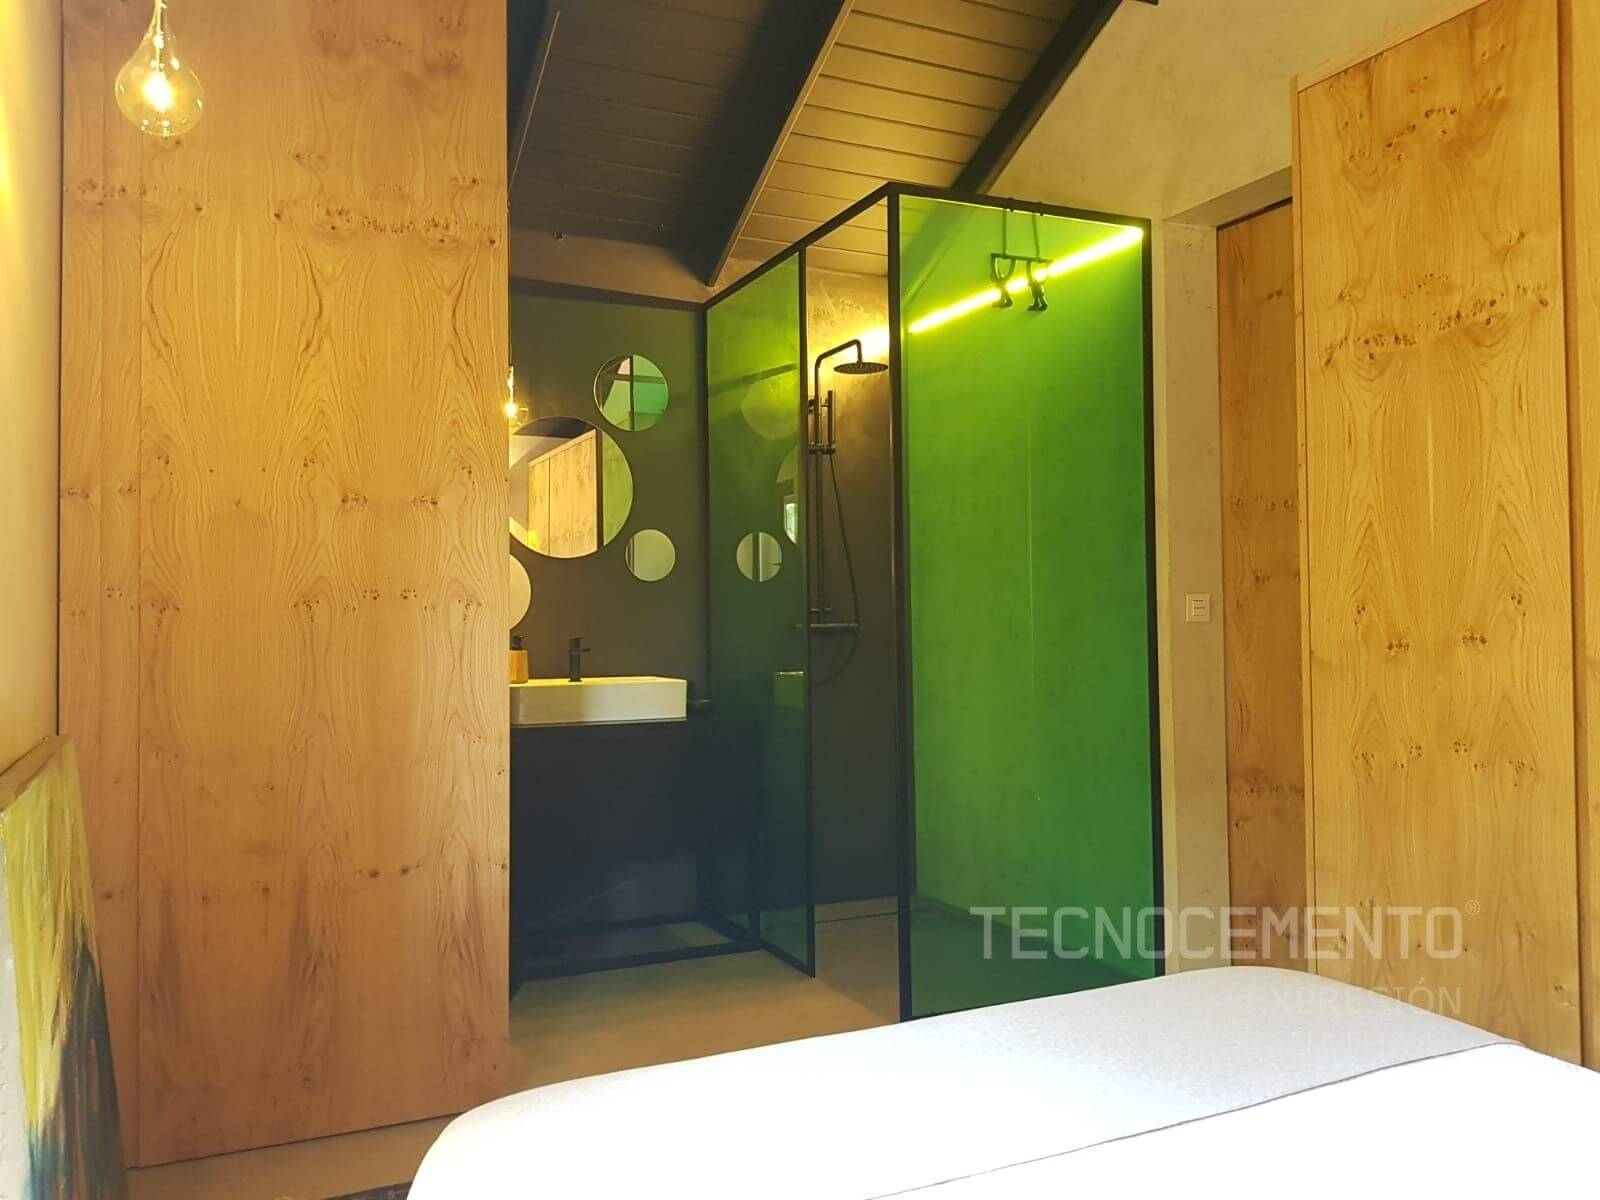 baños con microcemento Tecnocemento